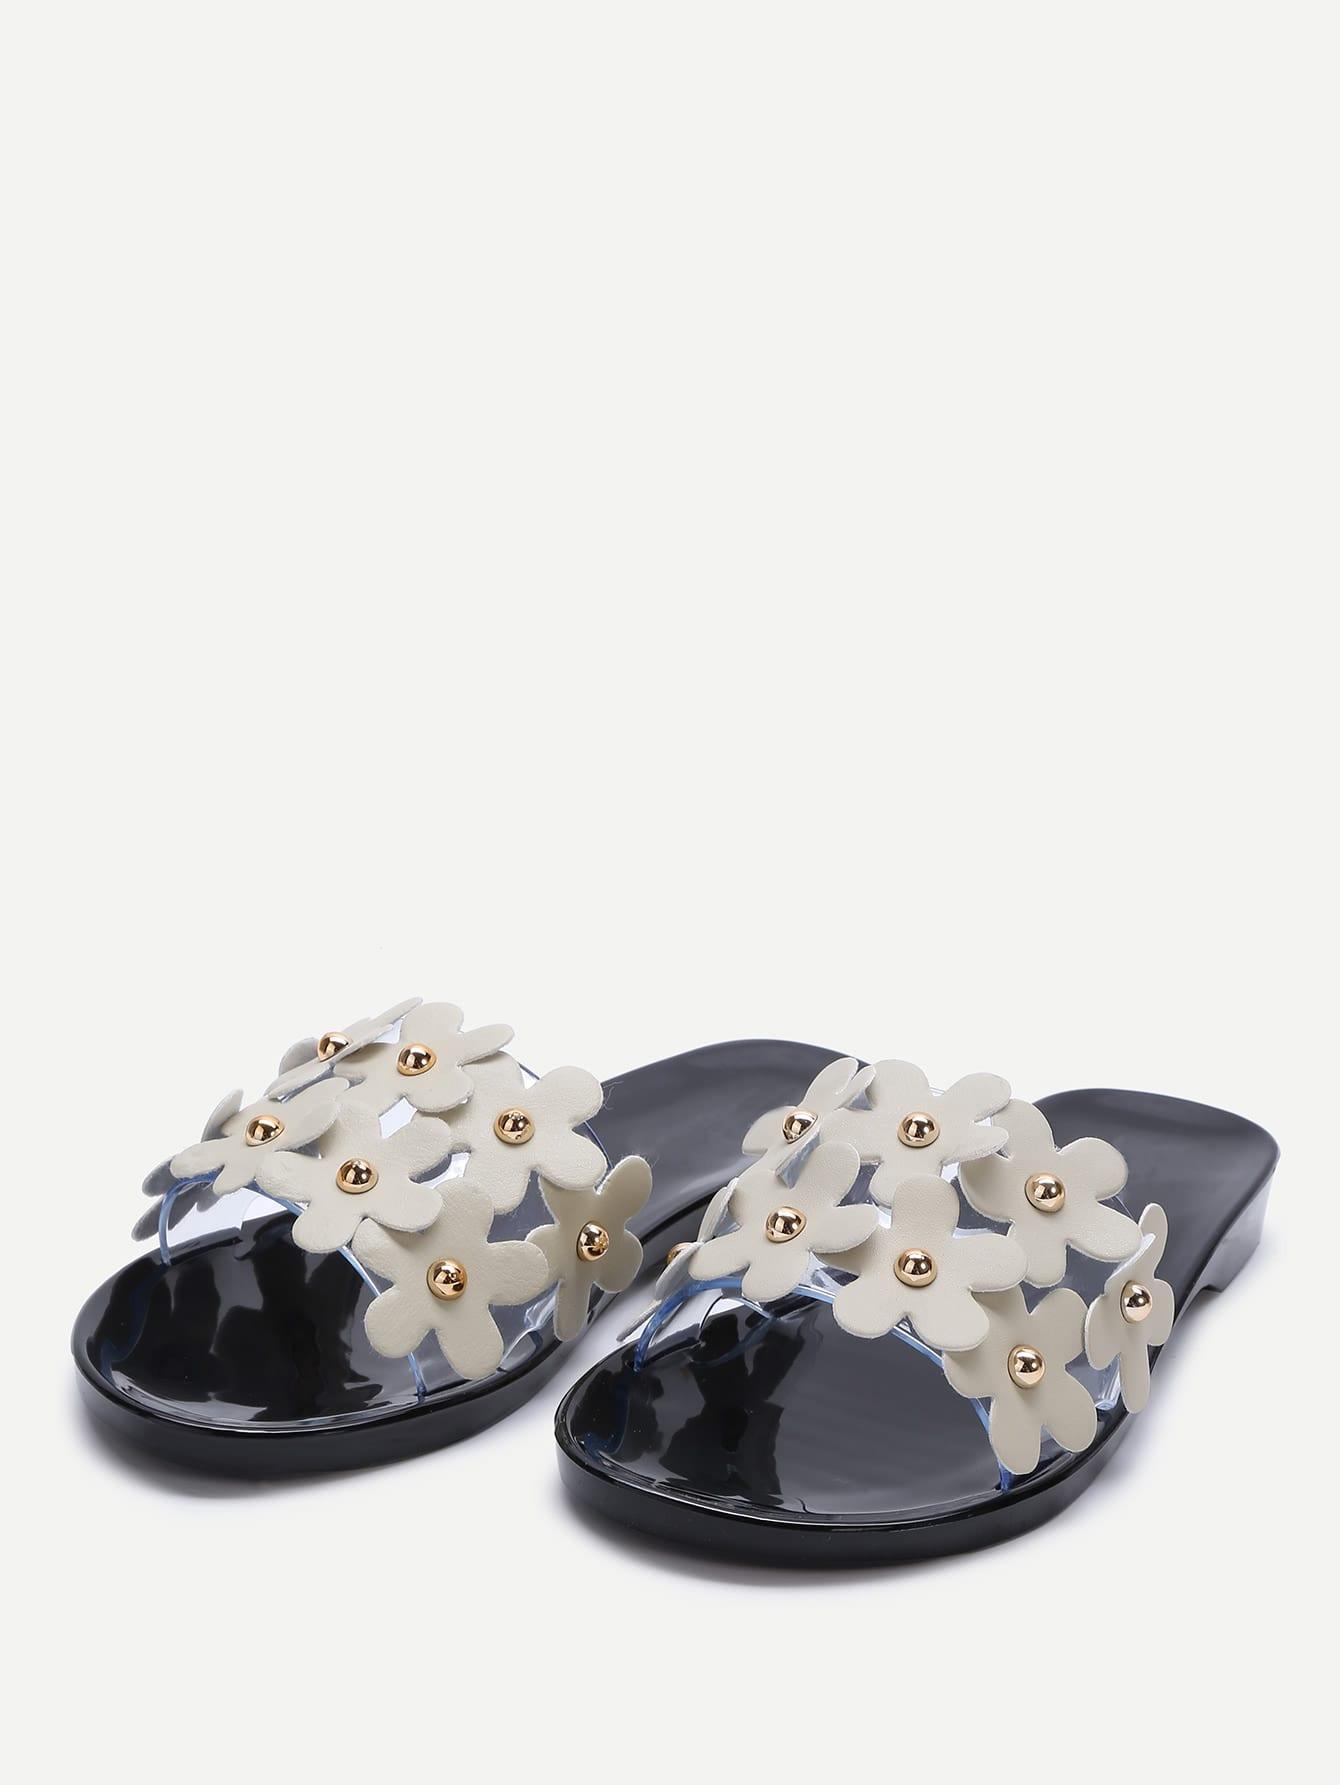 shoes170314802_2